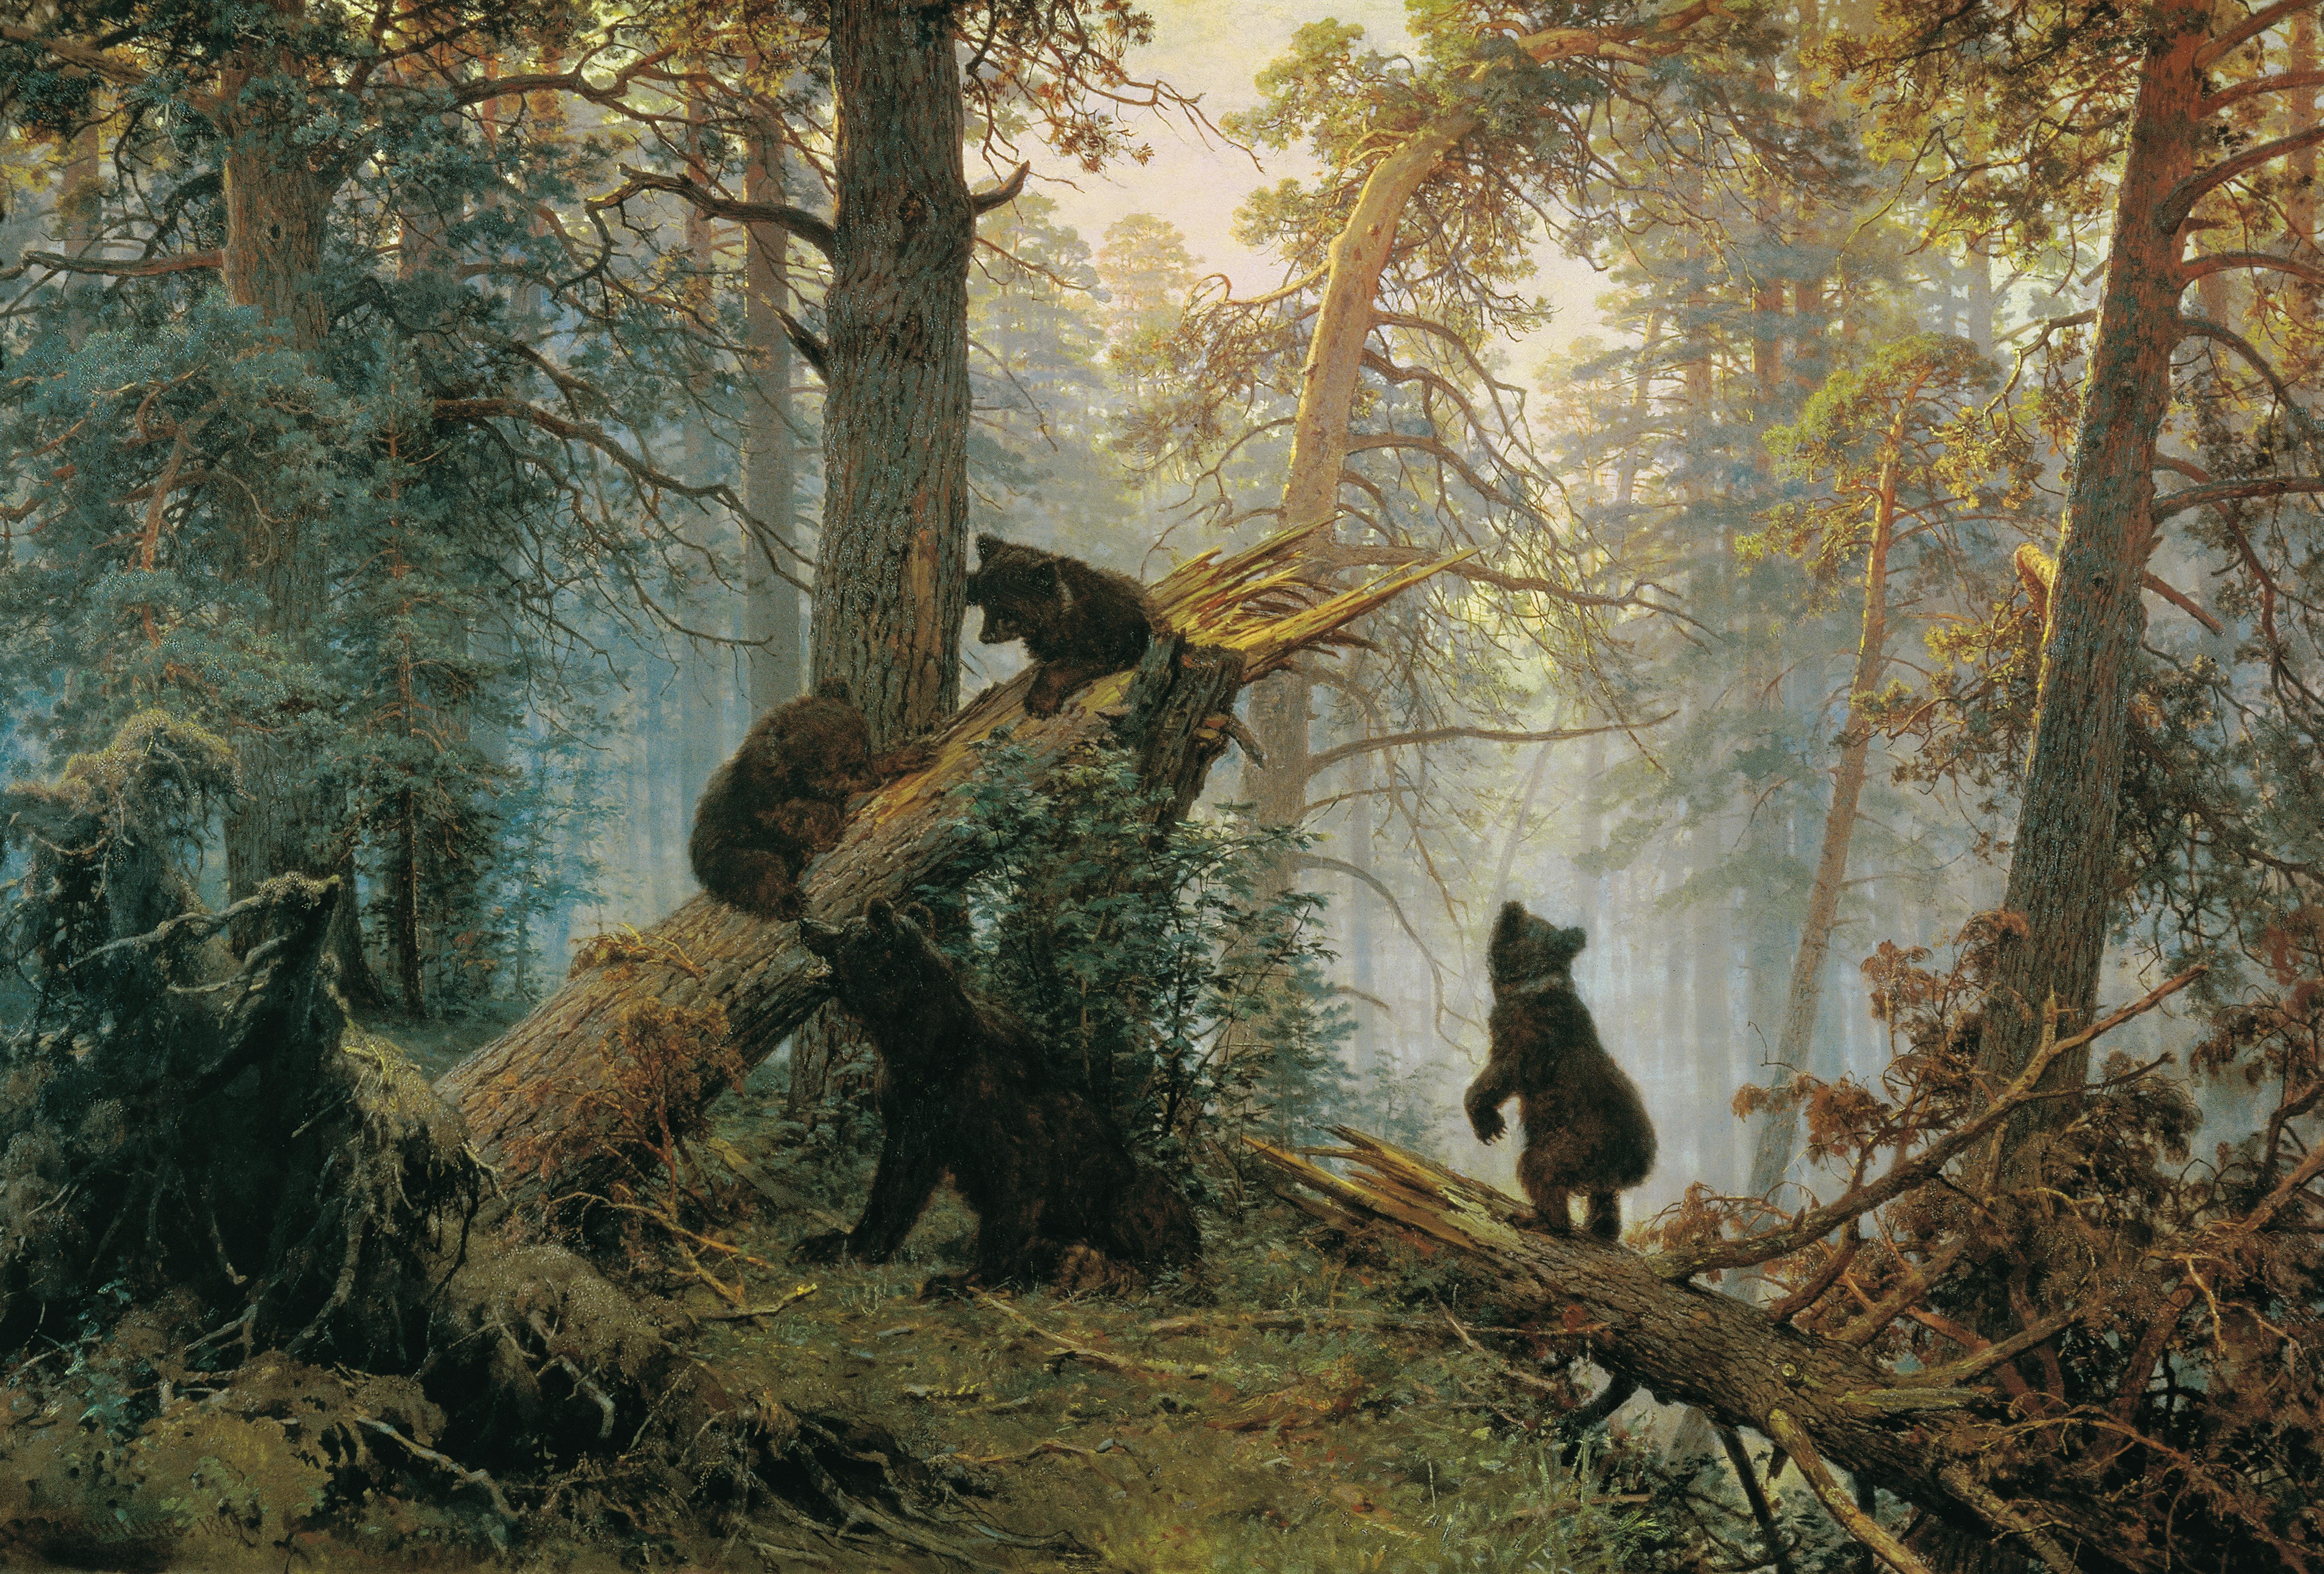 знакомства для жизни в лесу